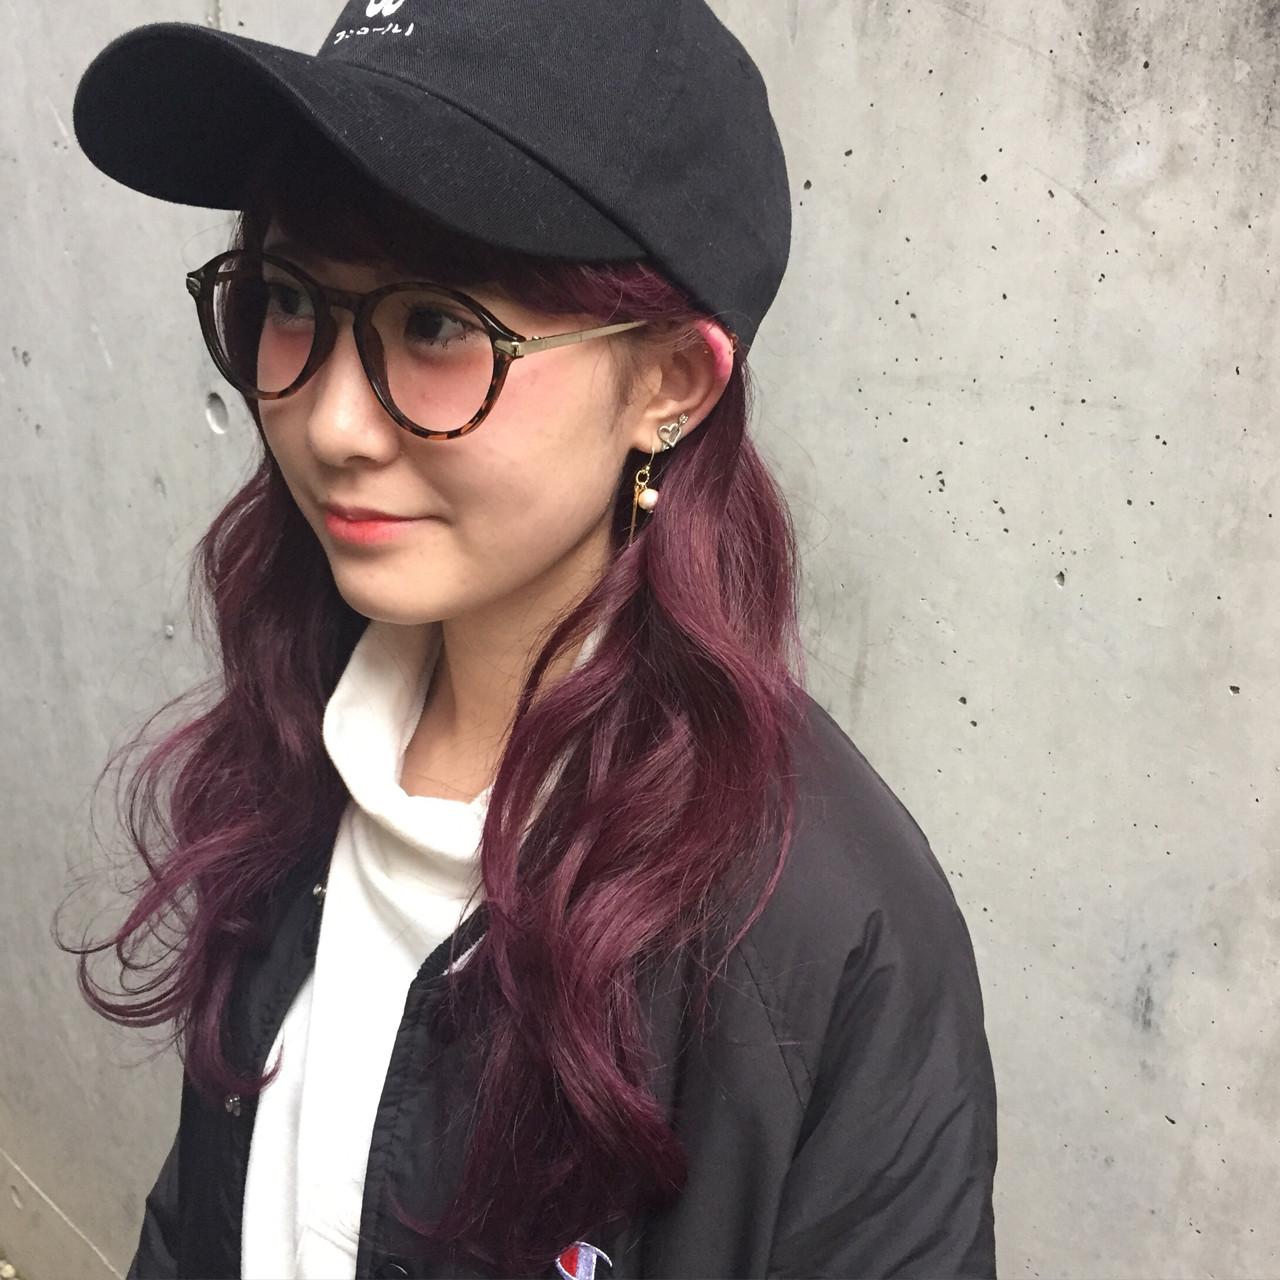 一度でいいから真似してみたい!遊びゴコロ溢れる究極のヘアカラーカタログ☆ 吉岡 久美子 / Ravo HAIR